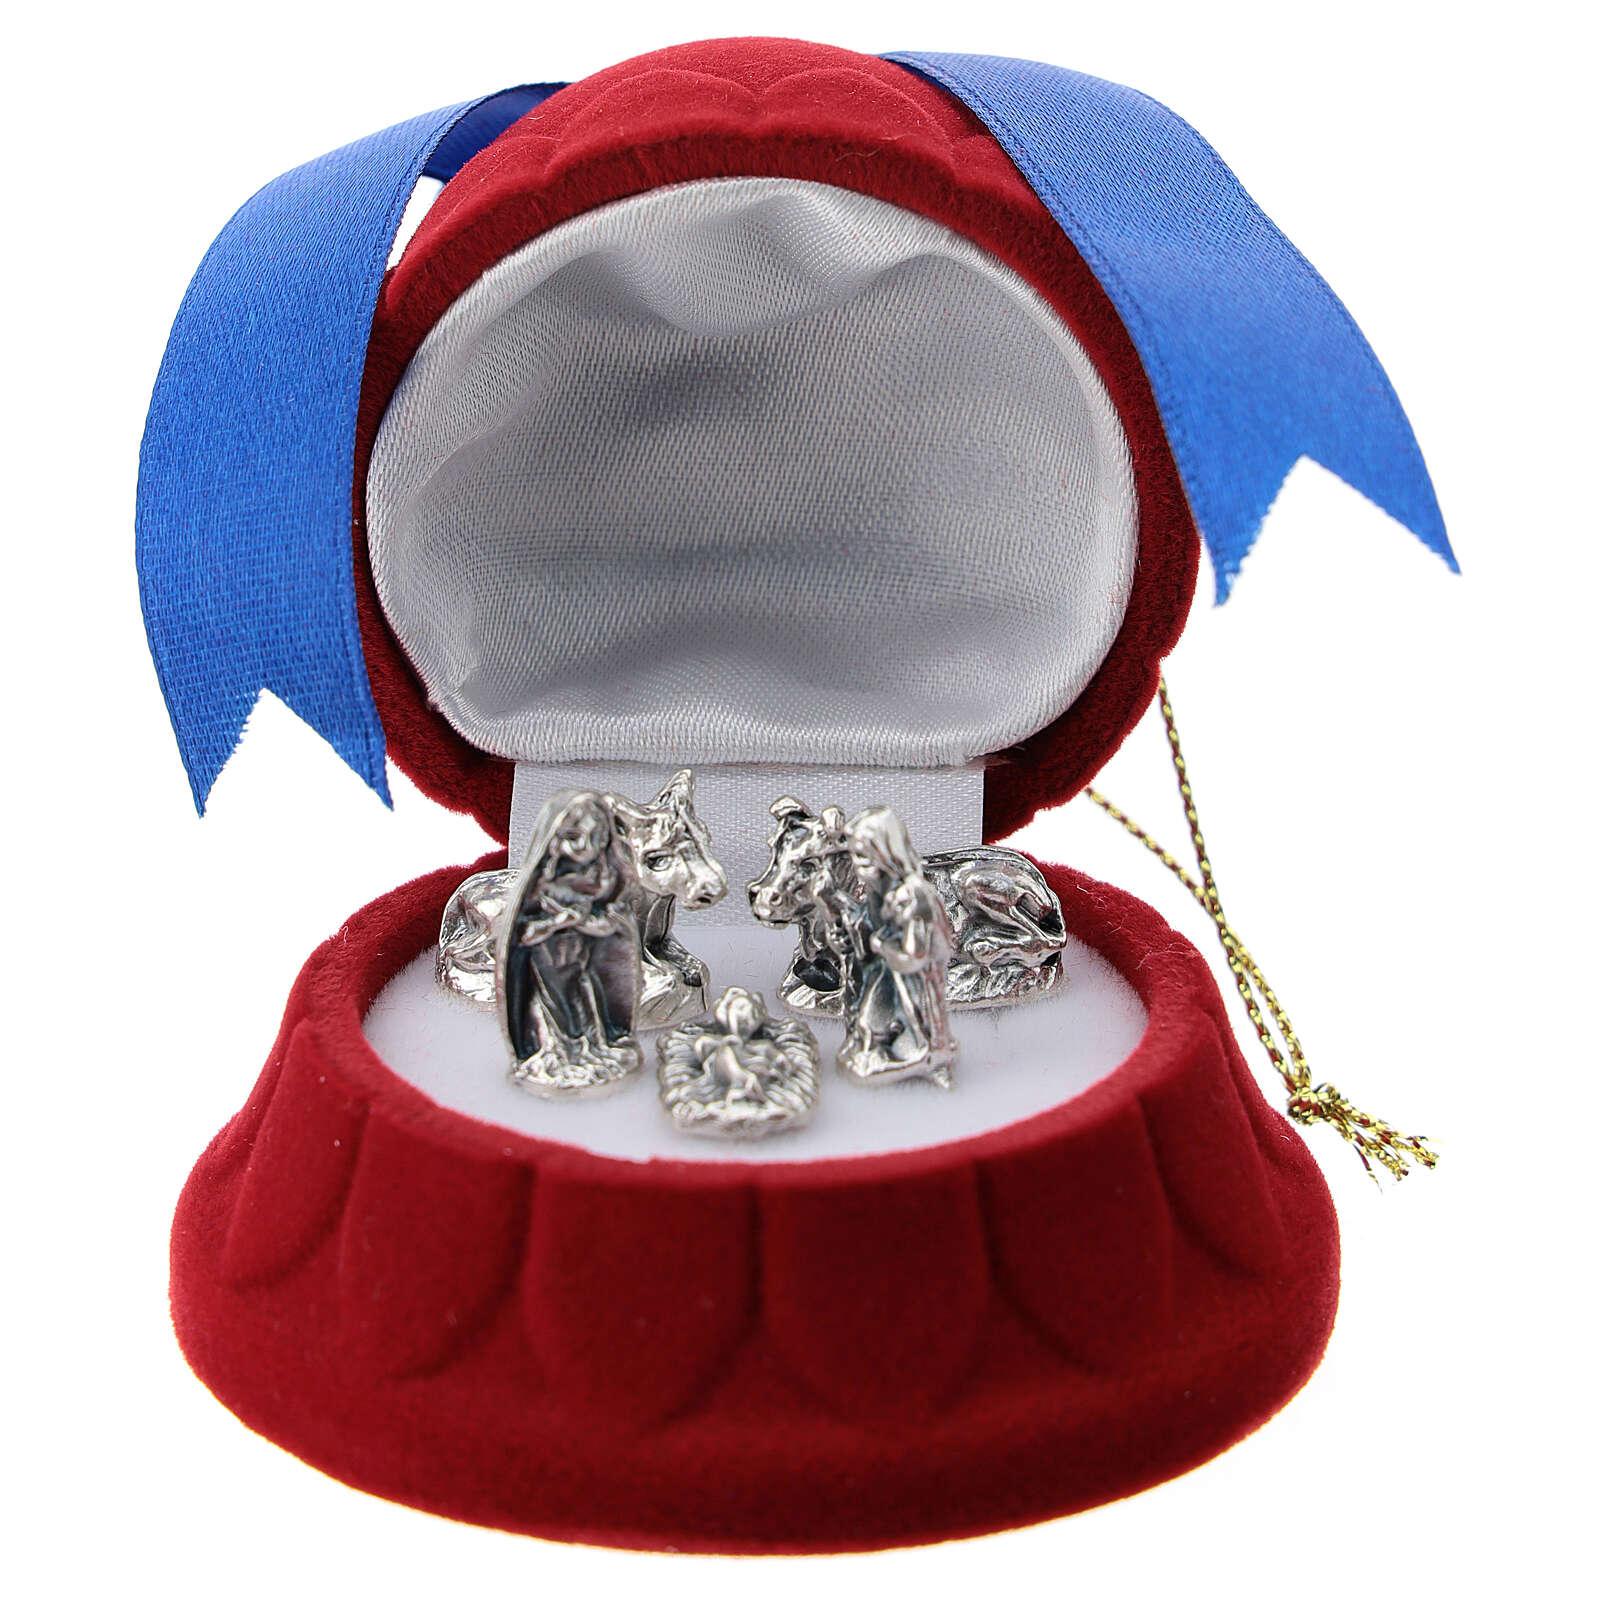 Bell shaped velvet case with Nativity 3